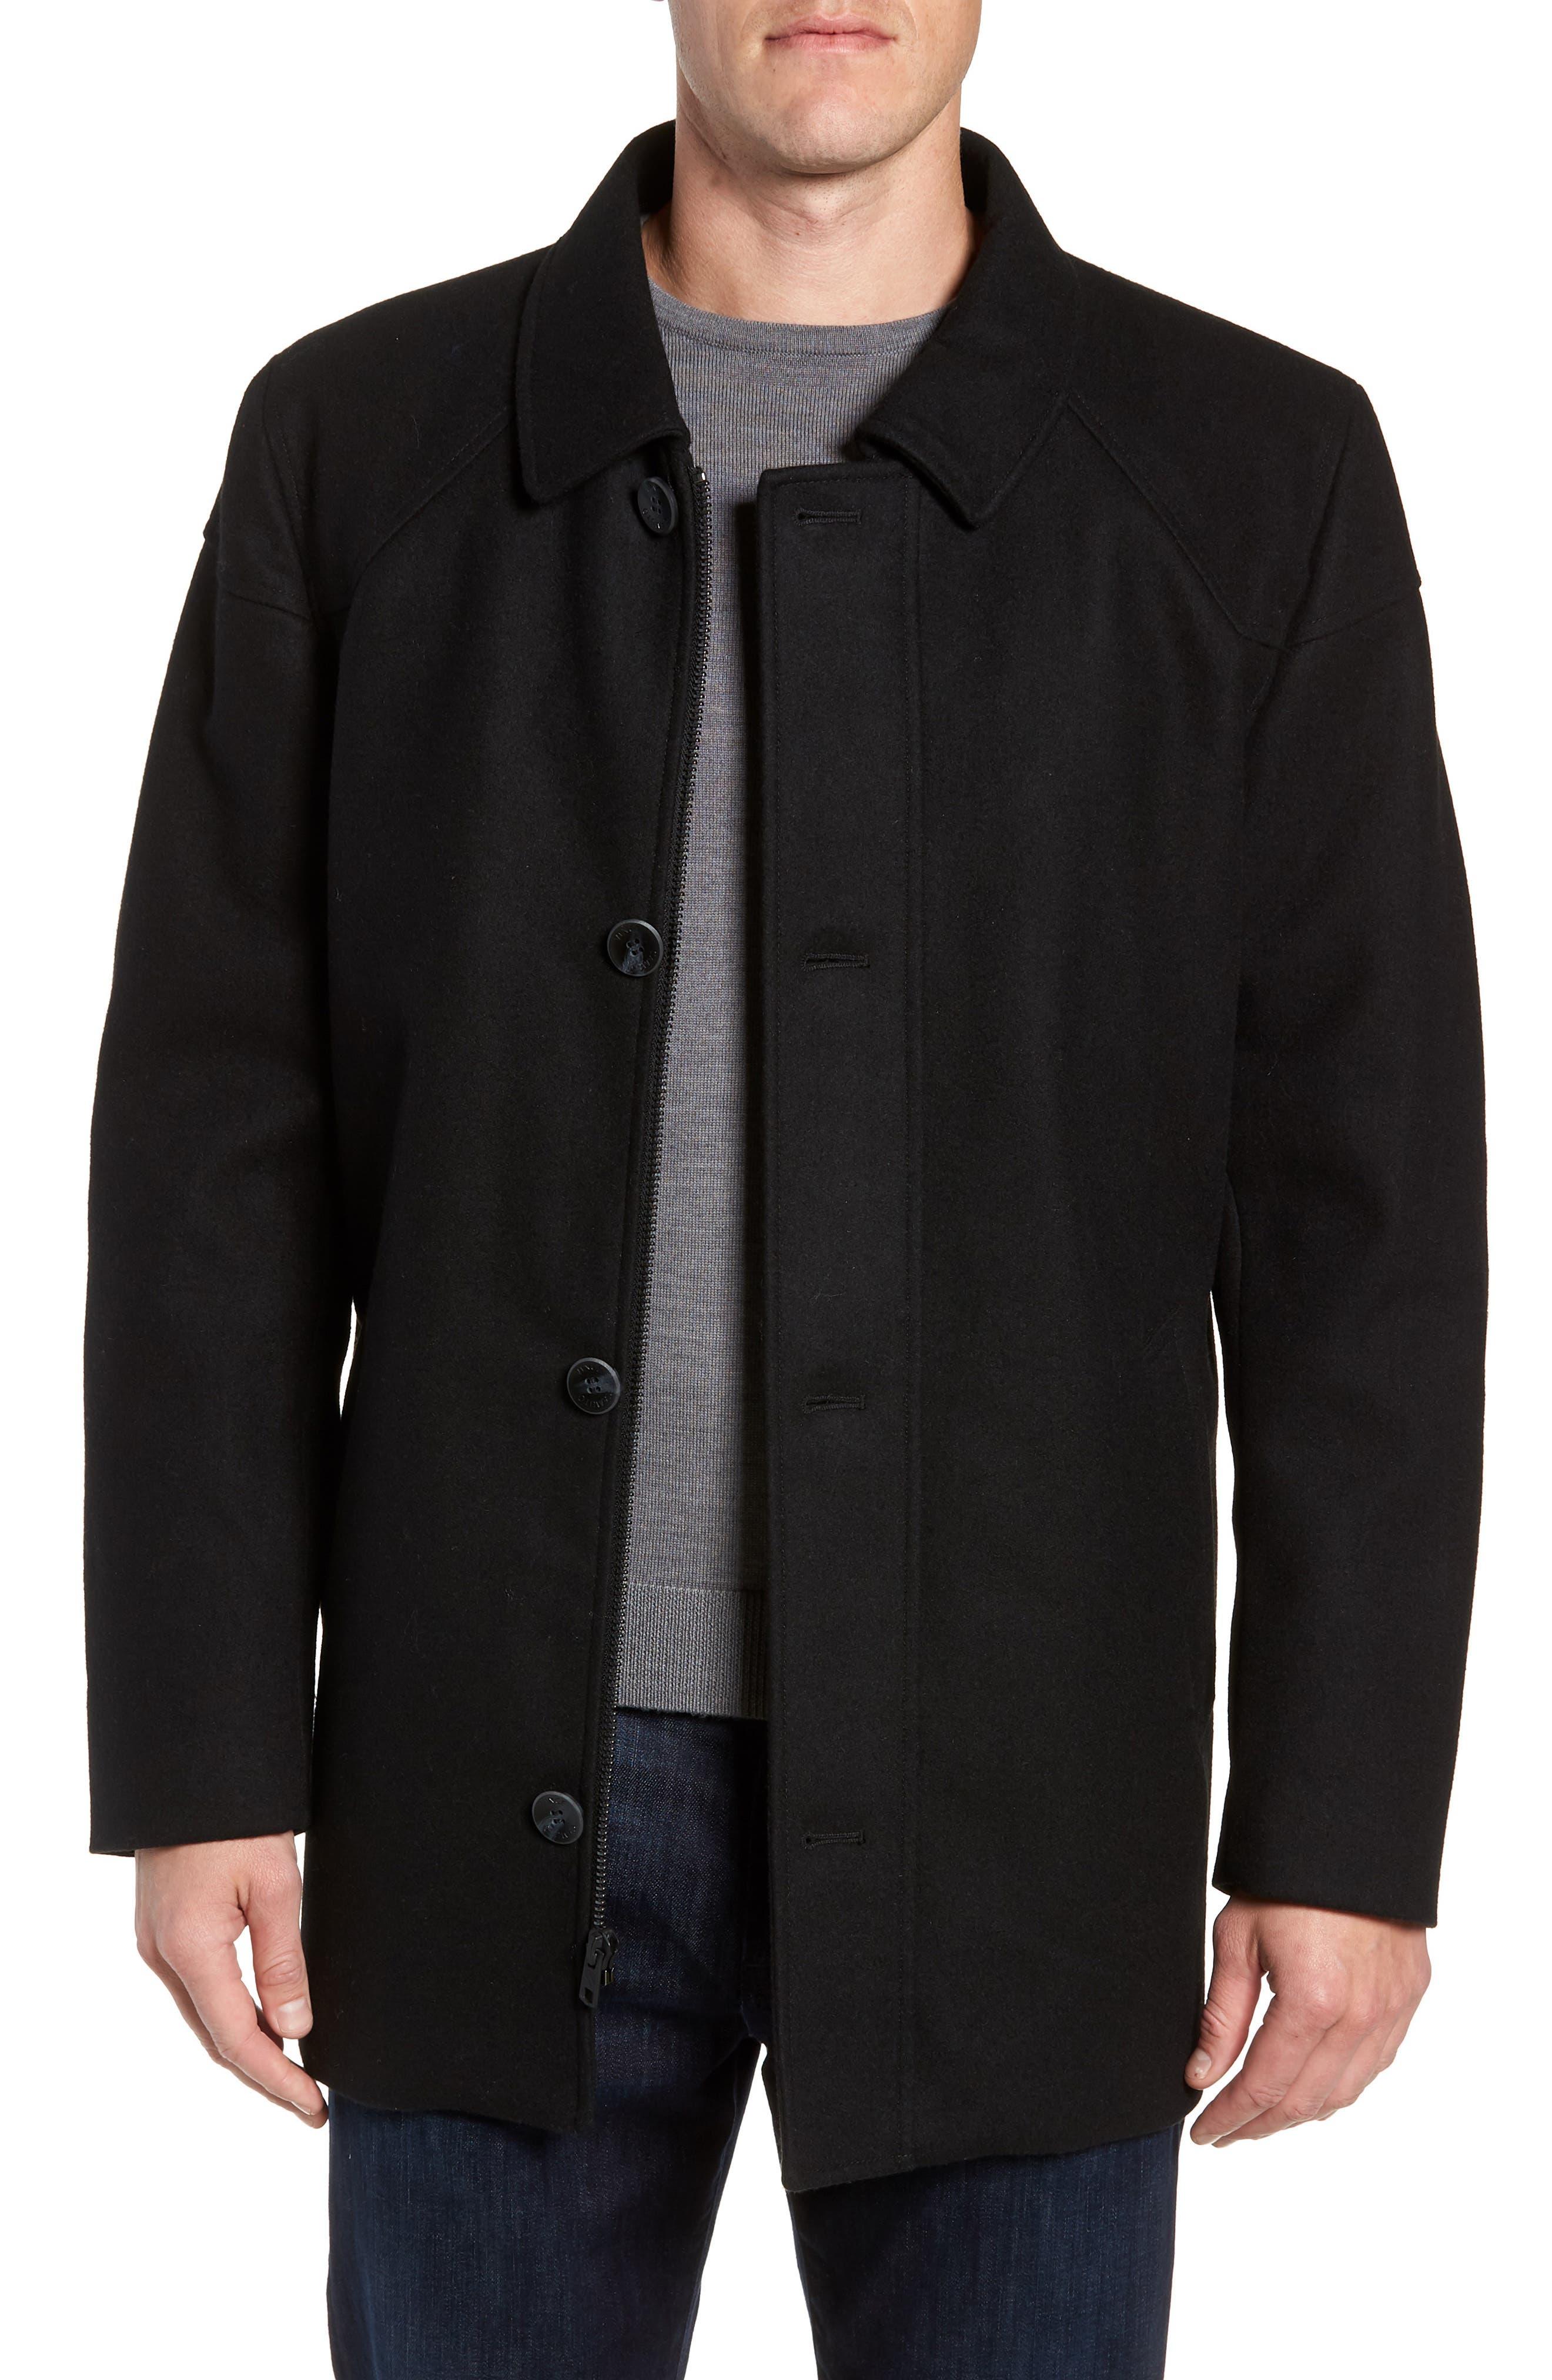 Melton Car Coat with Removable Bib,                             Alternate thumbnail 5, color,                             BLACK